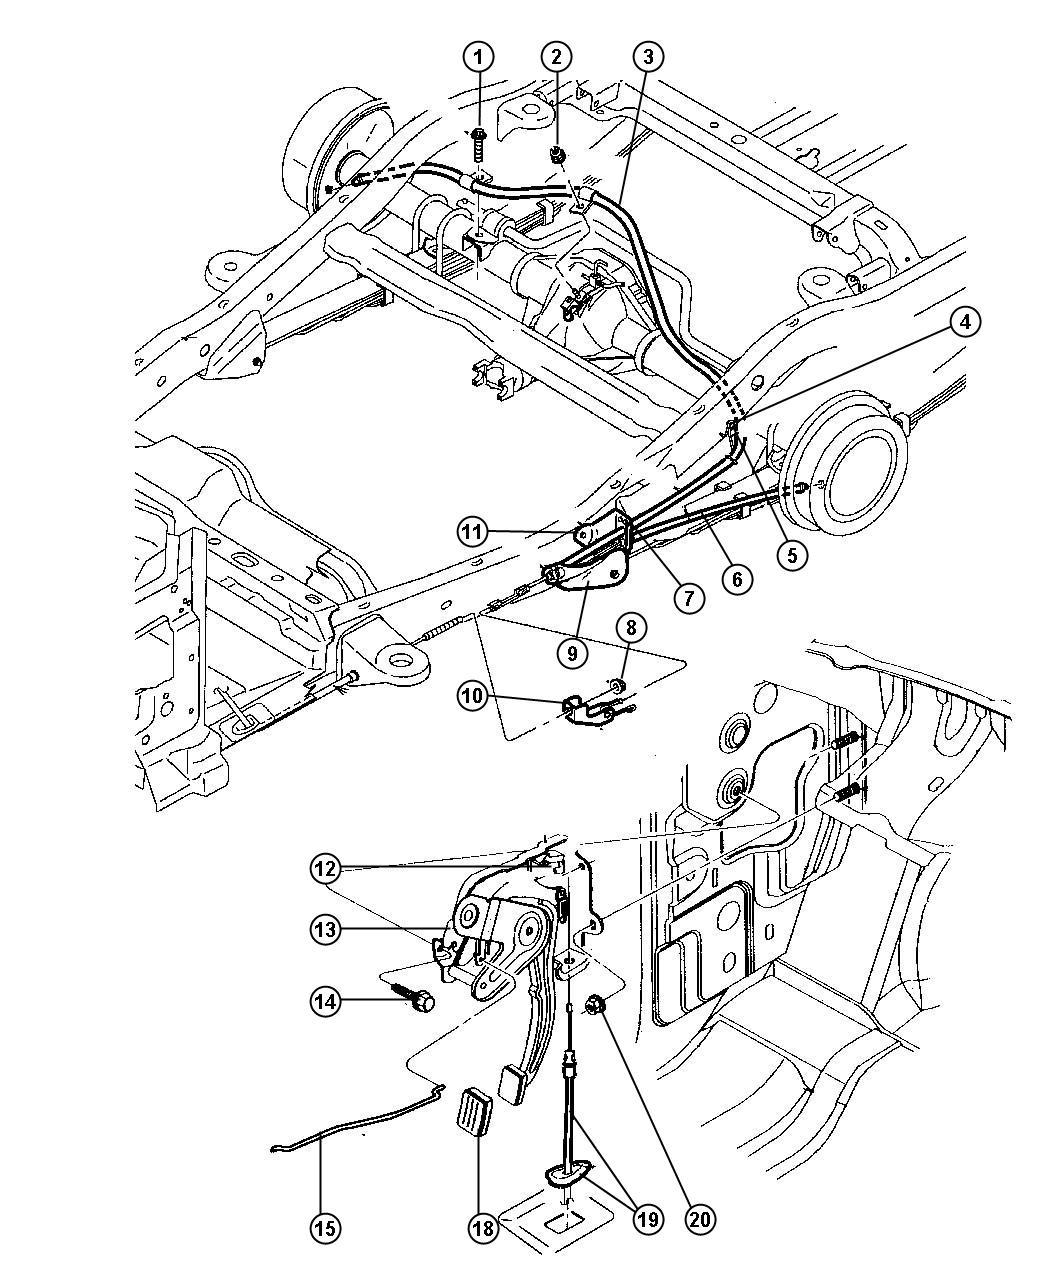 2013 Chrysler 200 Lever  Lever Assembly  Park Brake